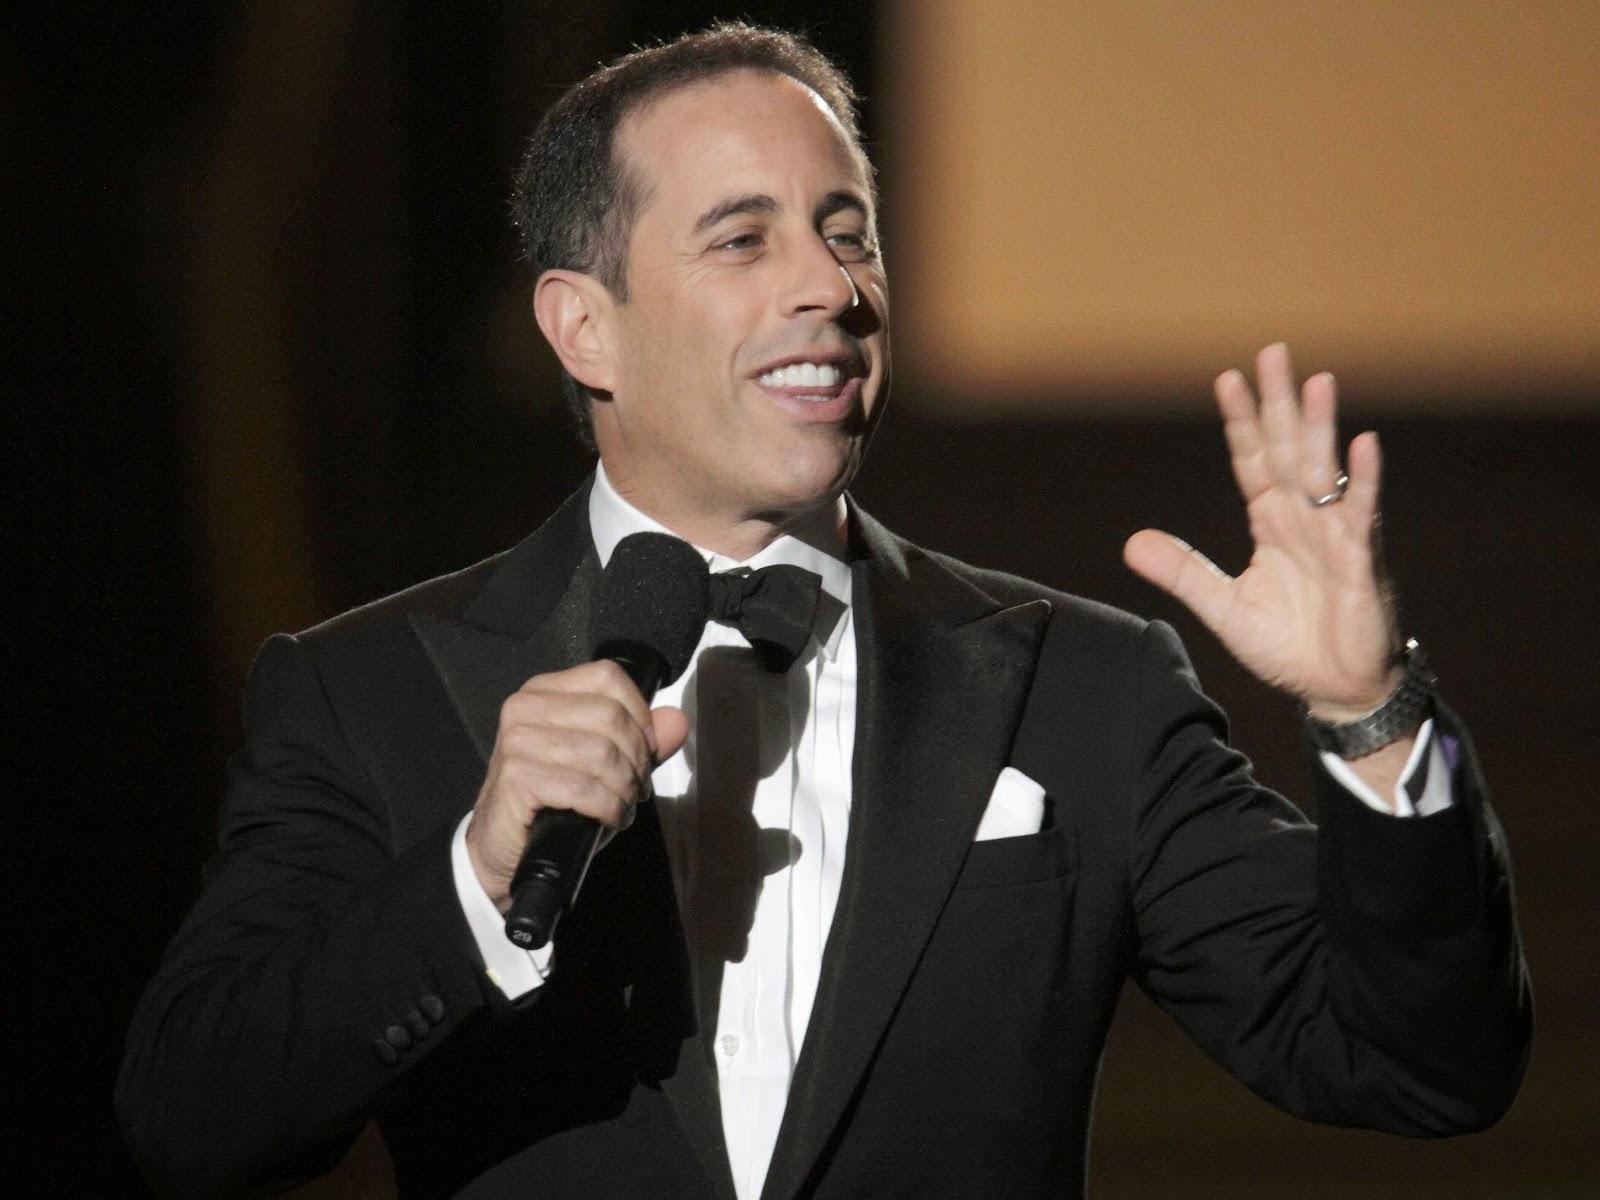 """<img src=""""http://3.bp.blogspot.com/-4jgBTpiPdcg/U90FkYLehwI/AAAAAAAAAZ8/wLnUt1eanAE/s1600/jerry-seinfield.jpeg"""" alt=""""Richest Actors in the World"""" />"""